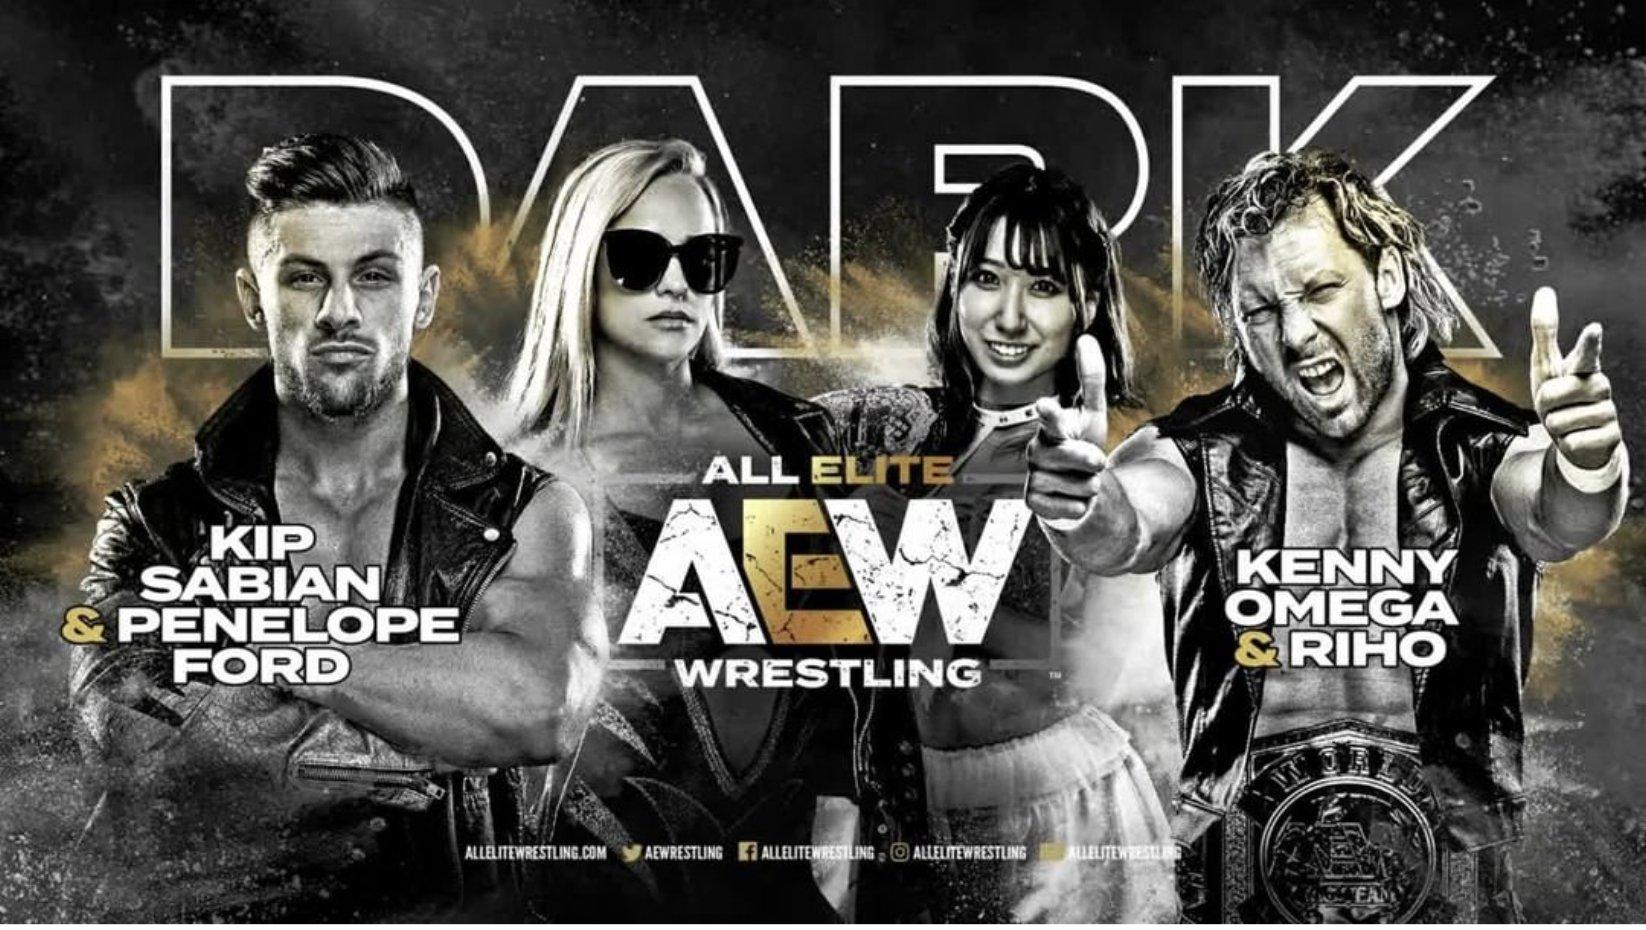 AEW DARK Episodio 18 | La histórica primera lucha de relevos mixtos 4